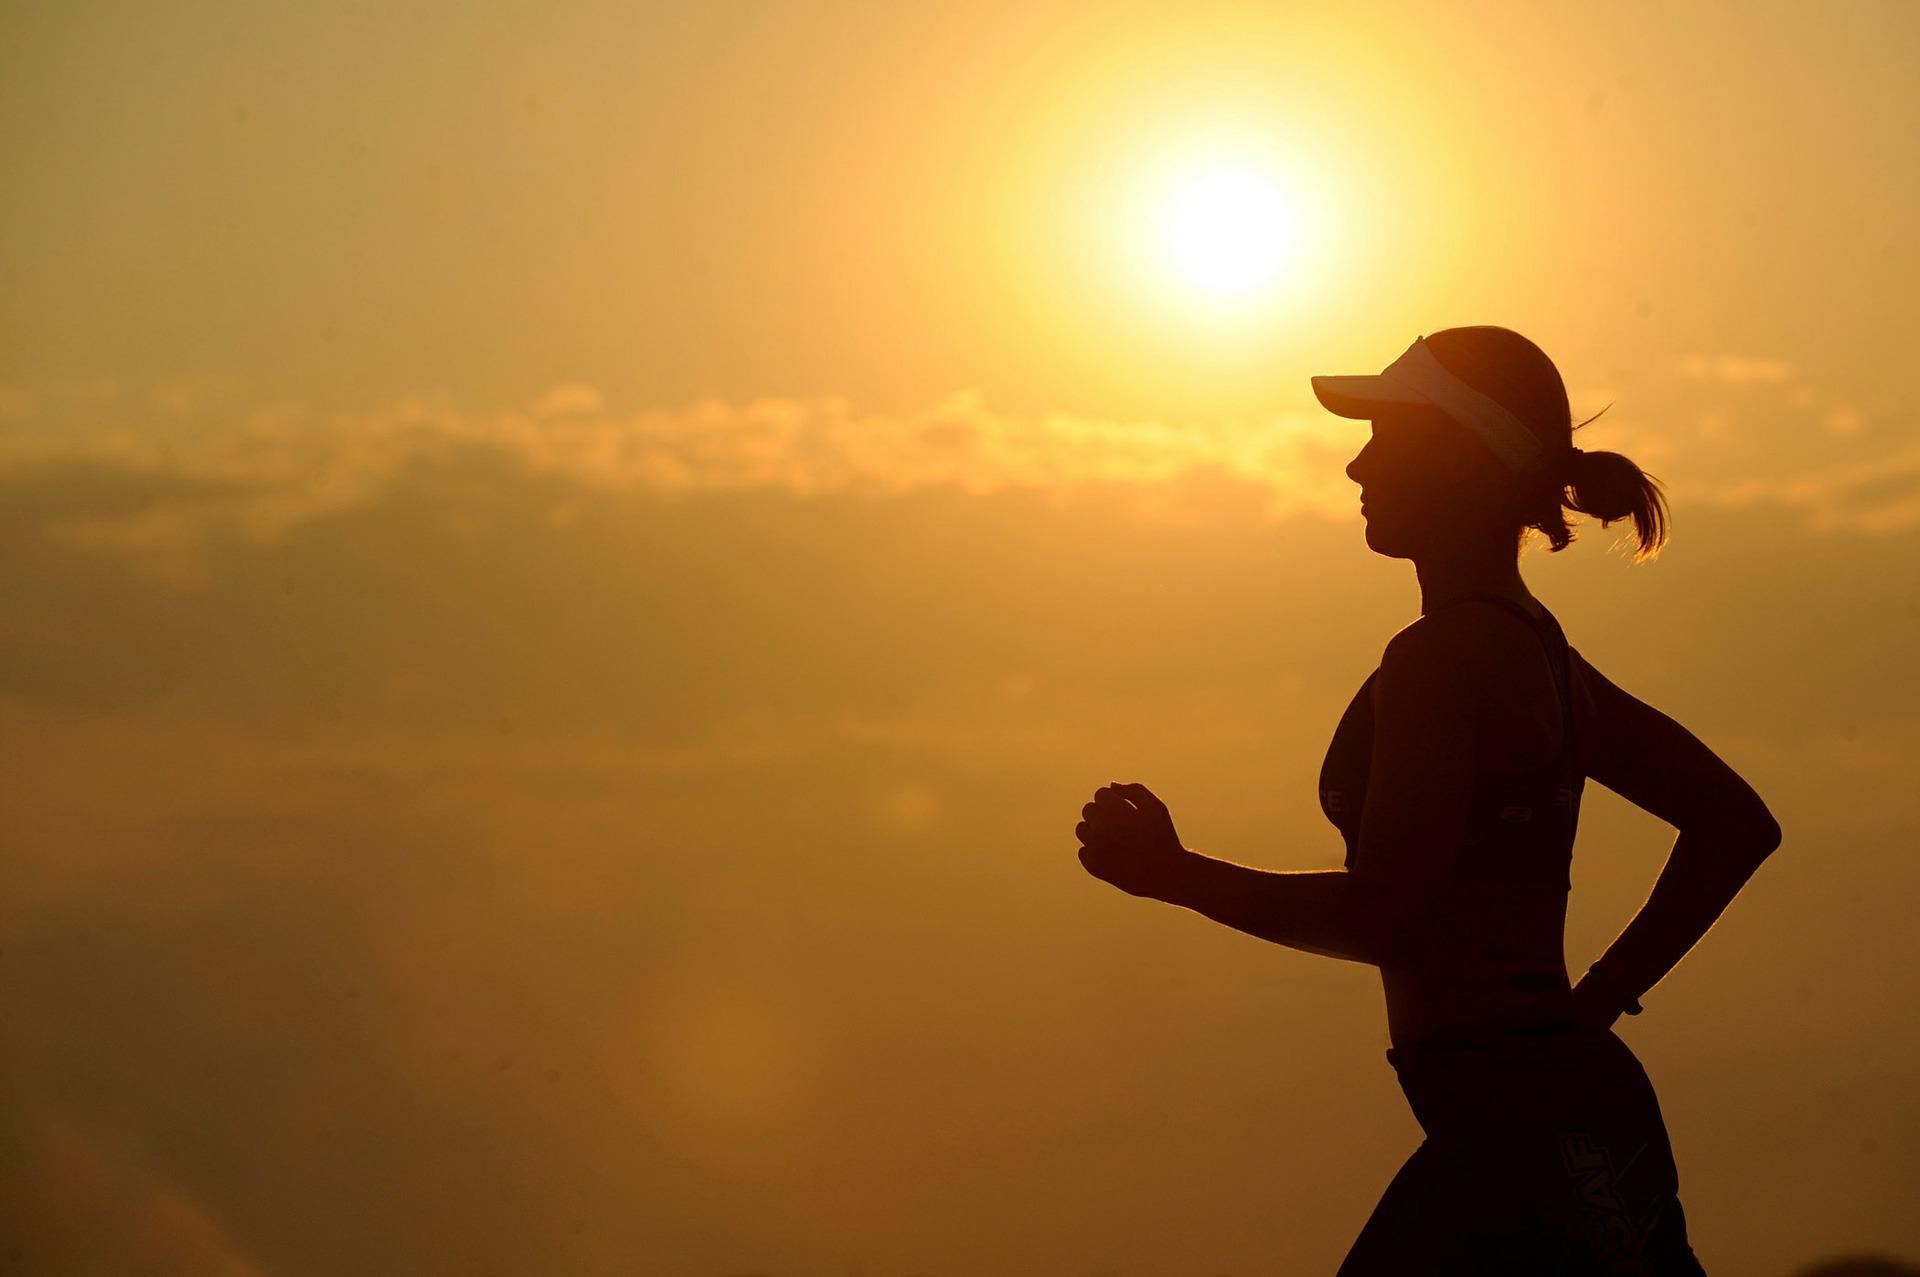 Les avantages des sports réguliers